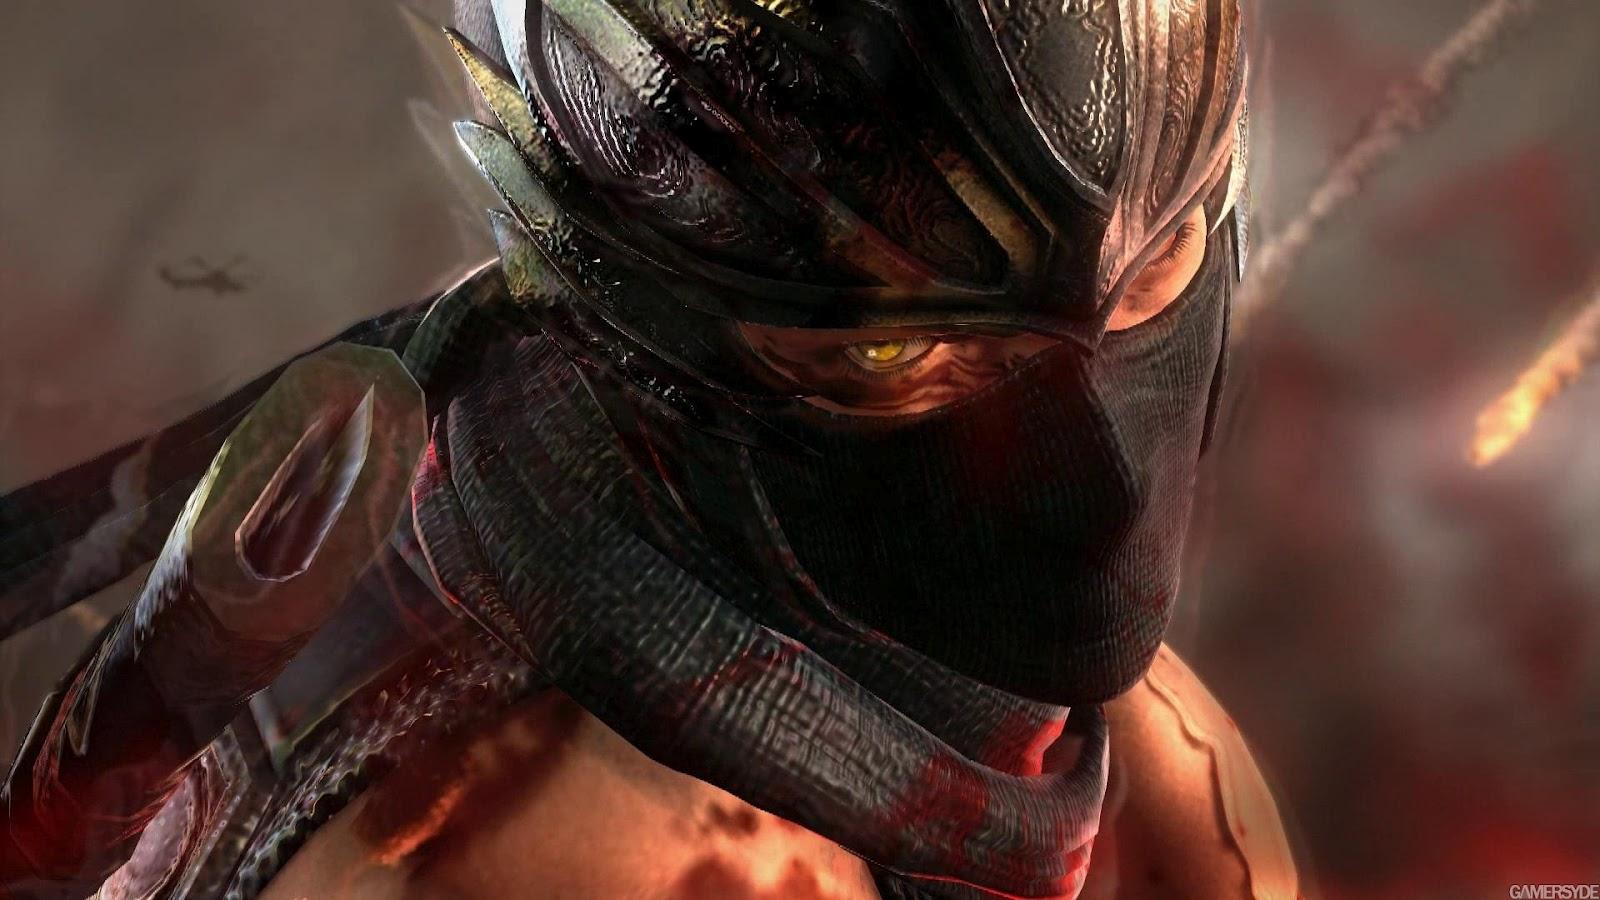 Ninja Gaiden Sigma 0 867647195451684 Davique